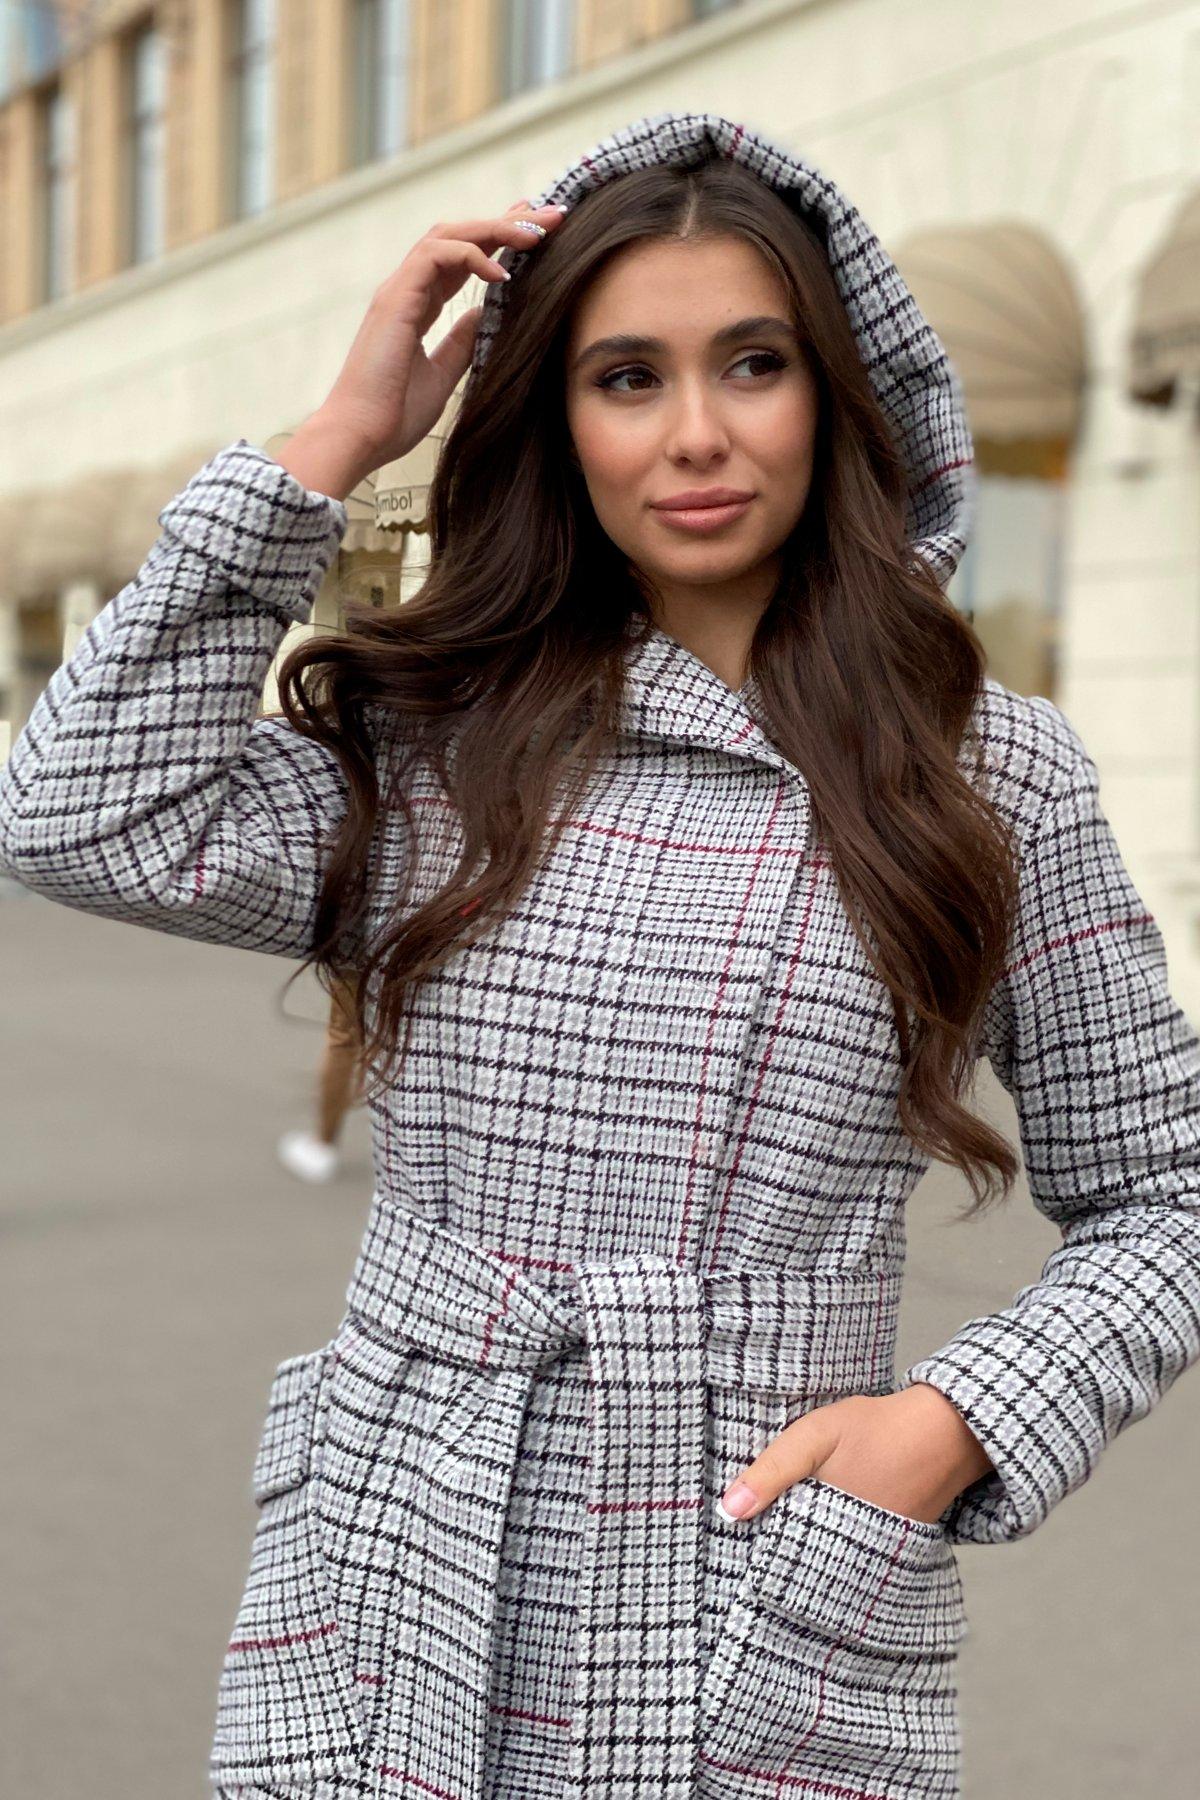 Зимнее пальто в стильную клетку Анджи 8276 АРТ. 44724 Цвет: Клетка кр черн/сер/вин - фото 12, интернет магазин tm-modus.ru